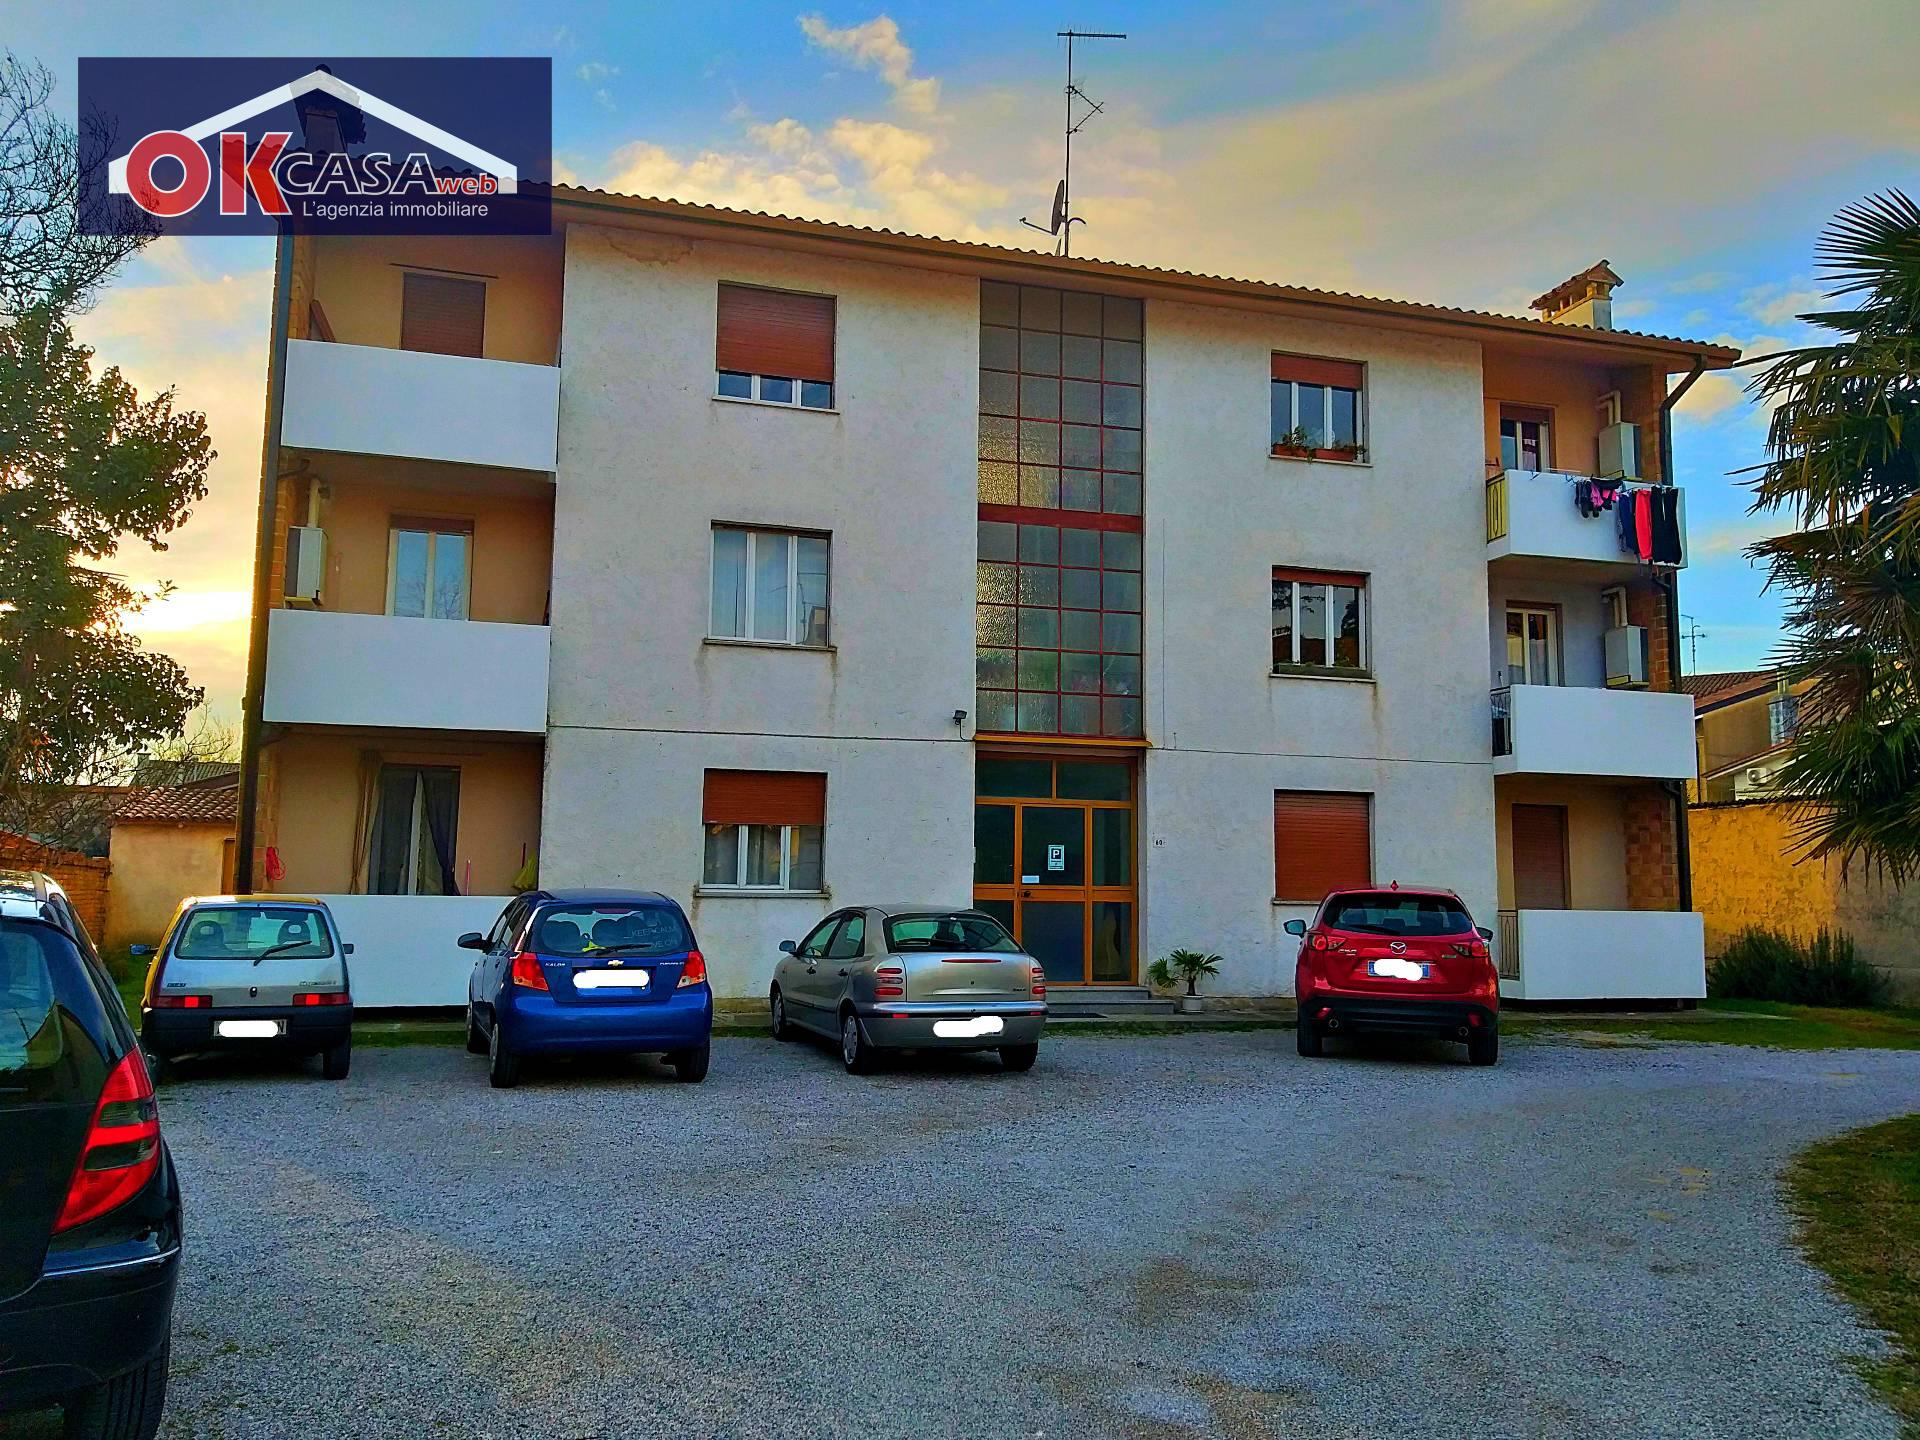 Immobile   Udine, Terzo d'Aquileia, via 9 giugno